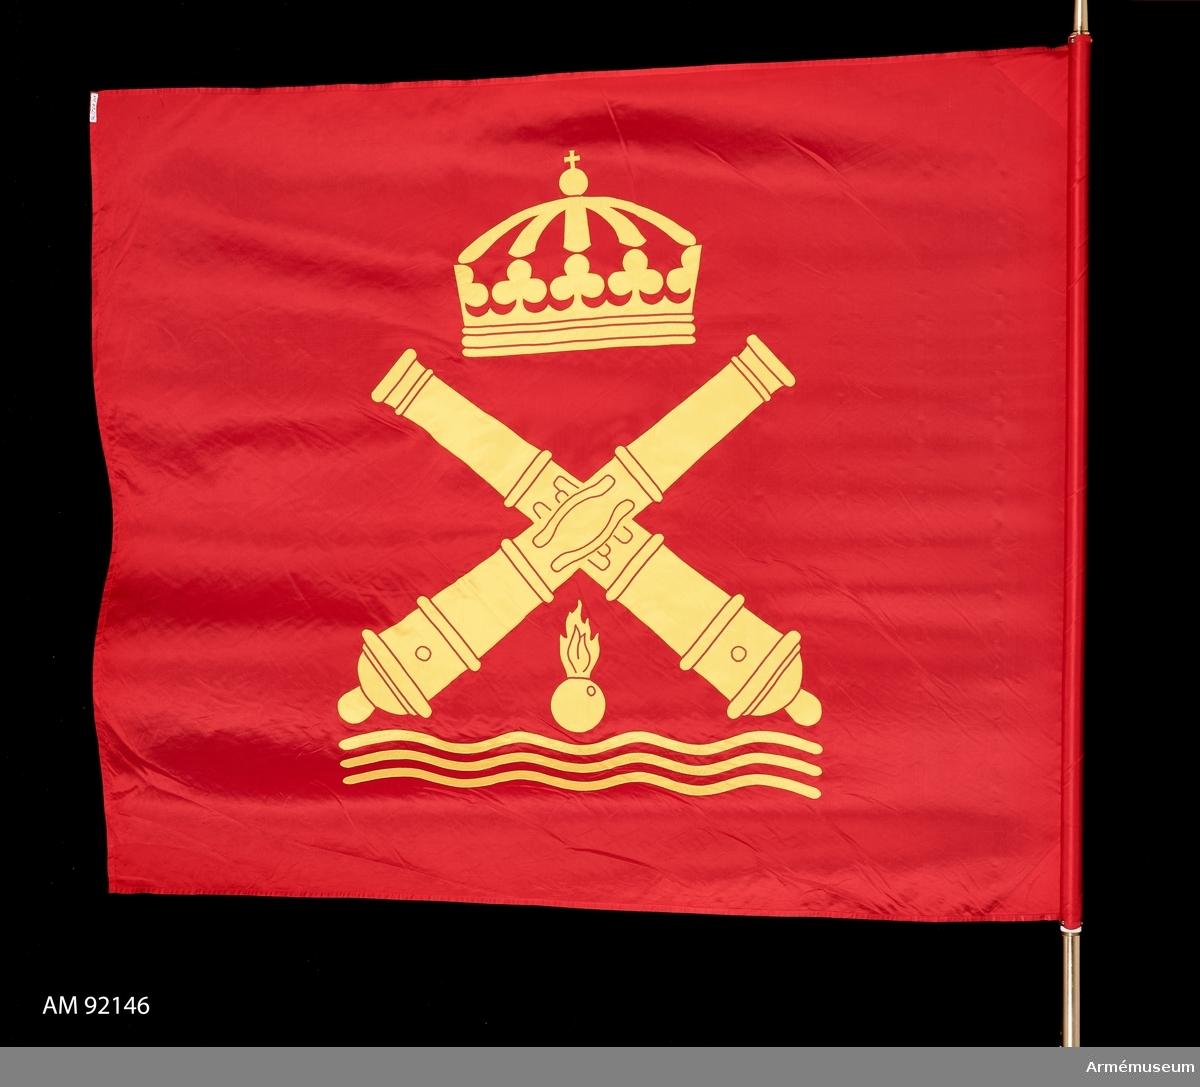 """Duk av rött siden. I mitten kustartilleriets vapenbild: två korslagda eldrör under en kunglig krona över en flammande granat och vågor. Allt i gult. Motivet utfört i applikation. Holk av förgylld mässing med gravyr """"Kustartillericentrum 1995"""". Doppsko i guldfärgad plast."""